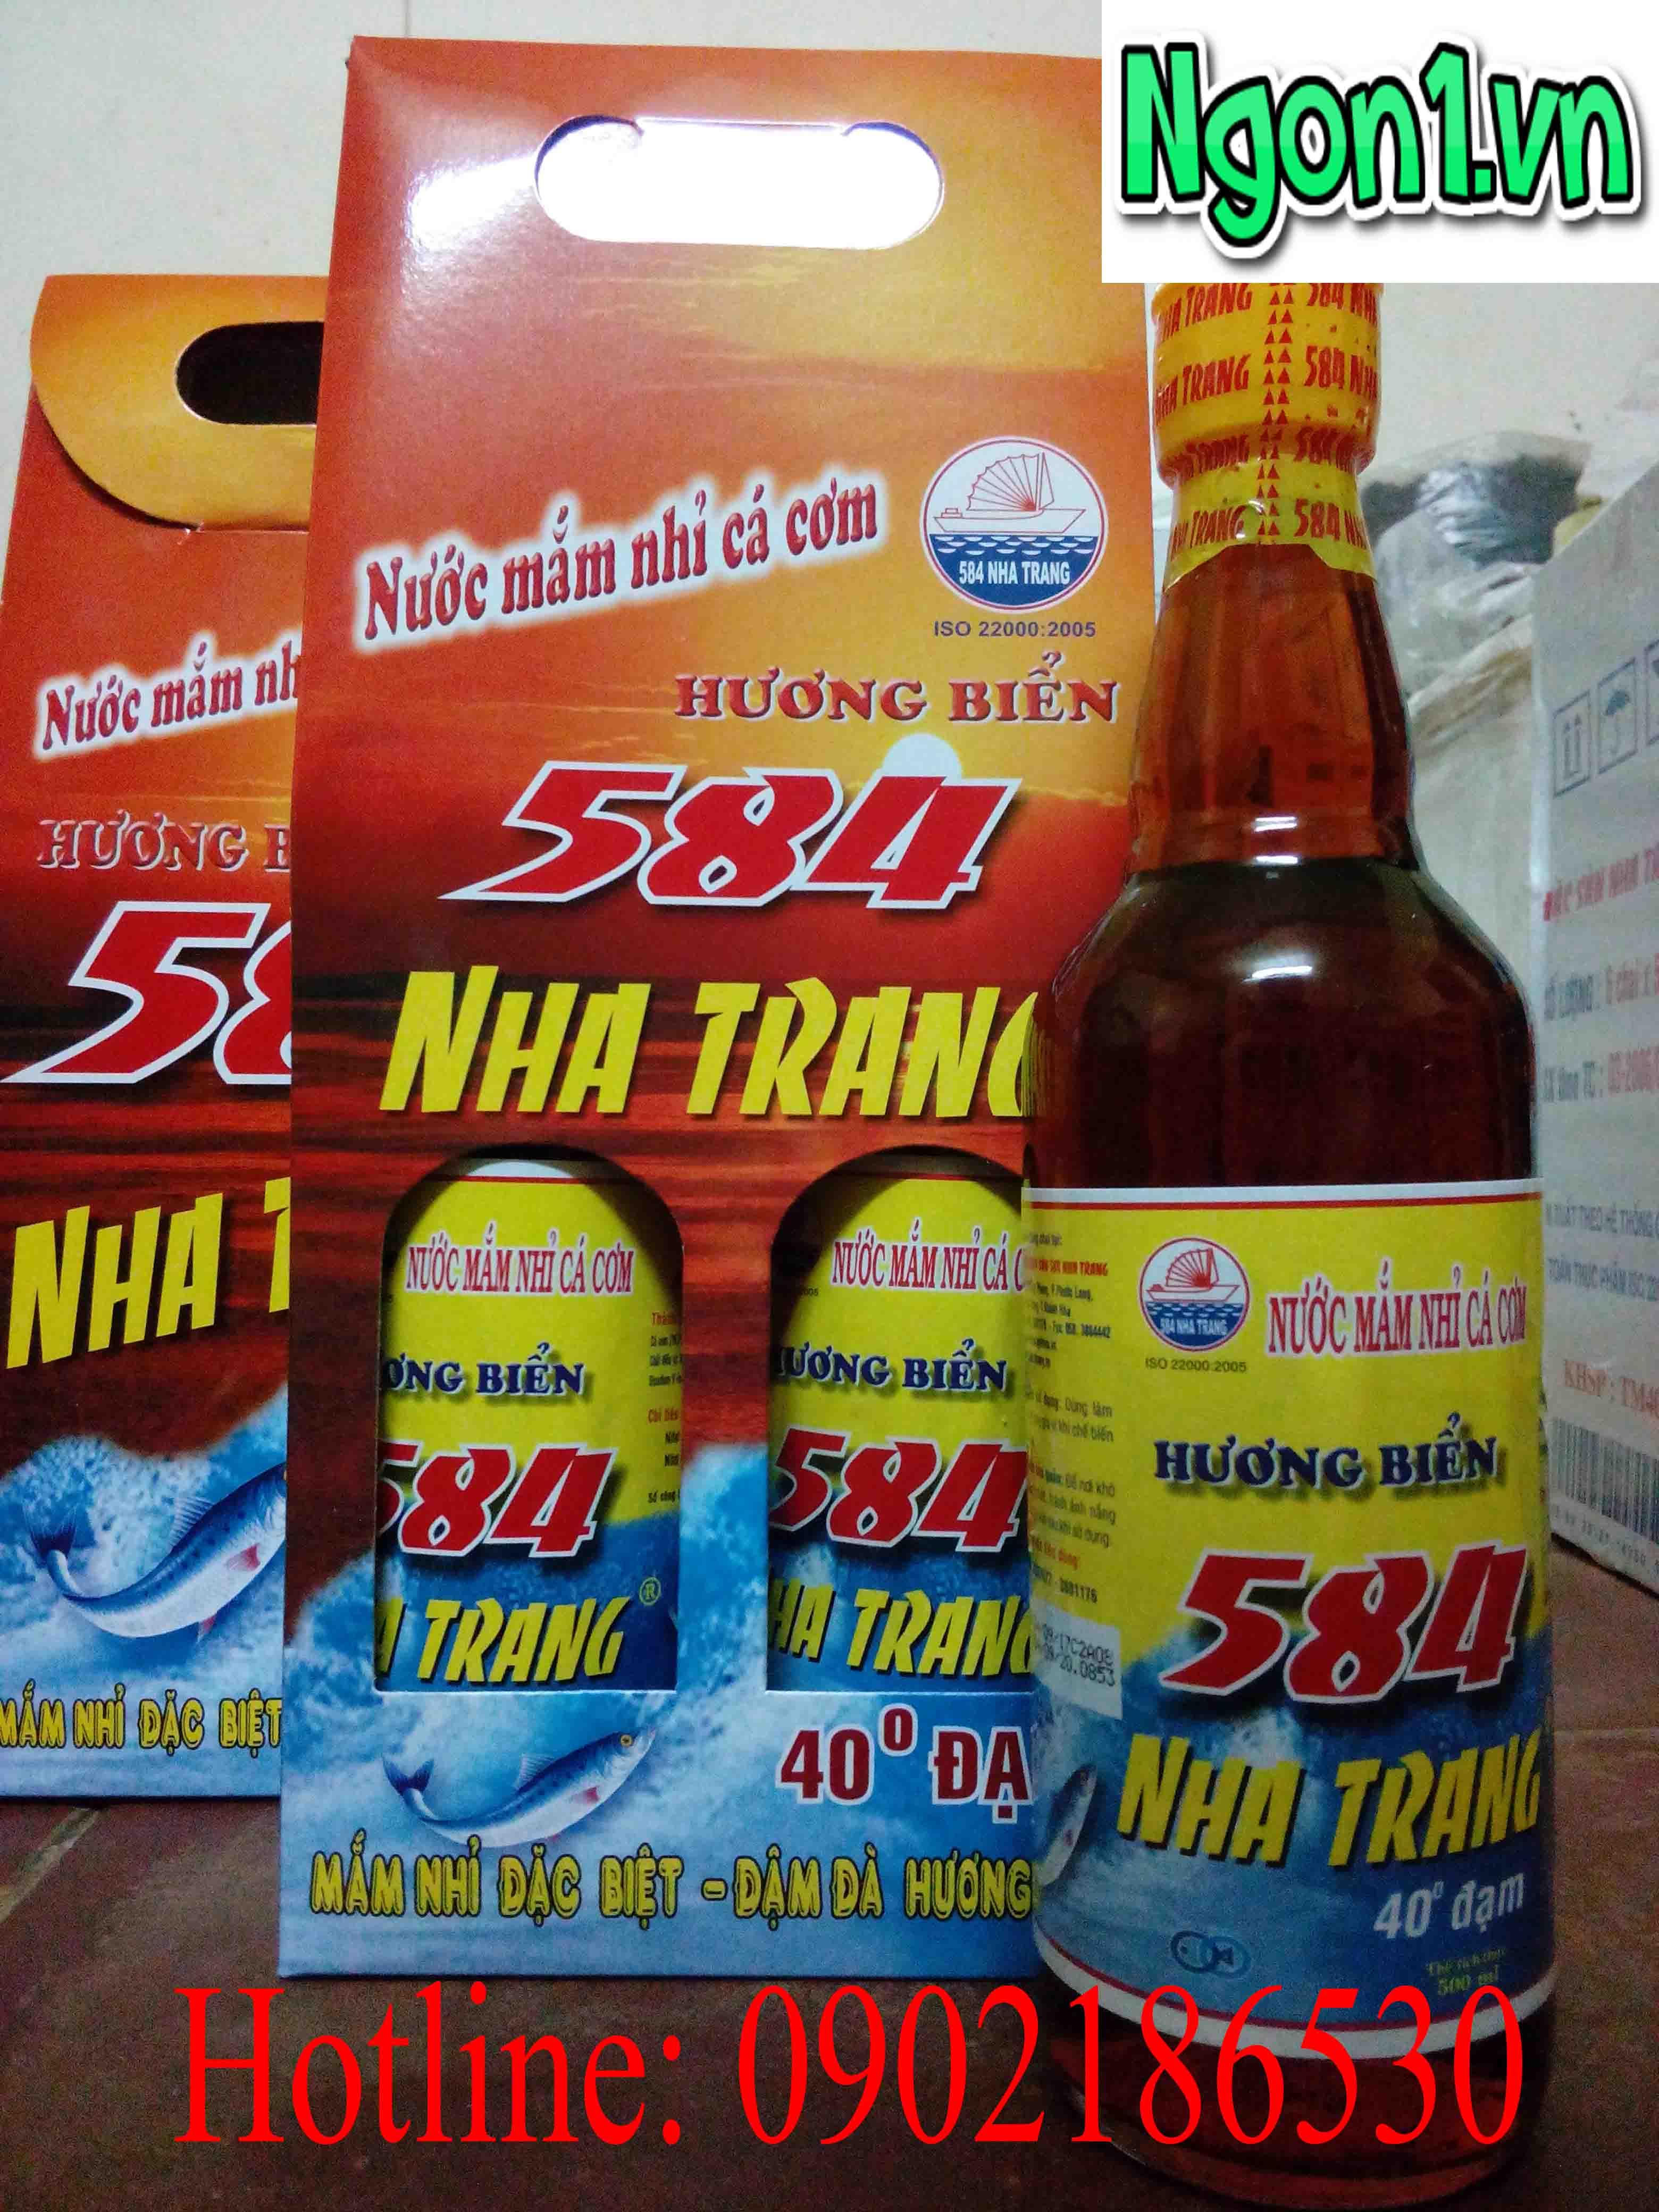 Mua nước mắm 584 Nha Trang 40 độ đạm chai thủy tinh ở đâu?